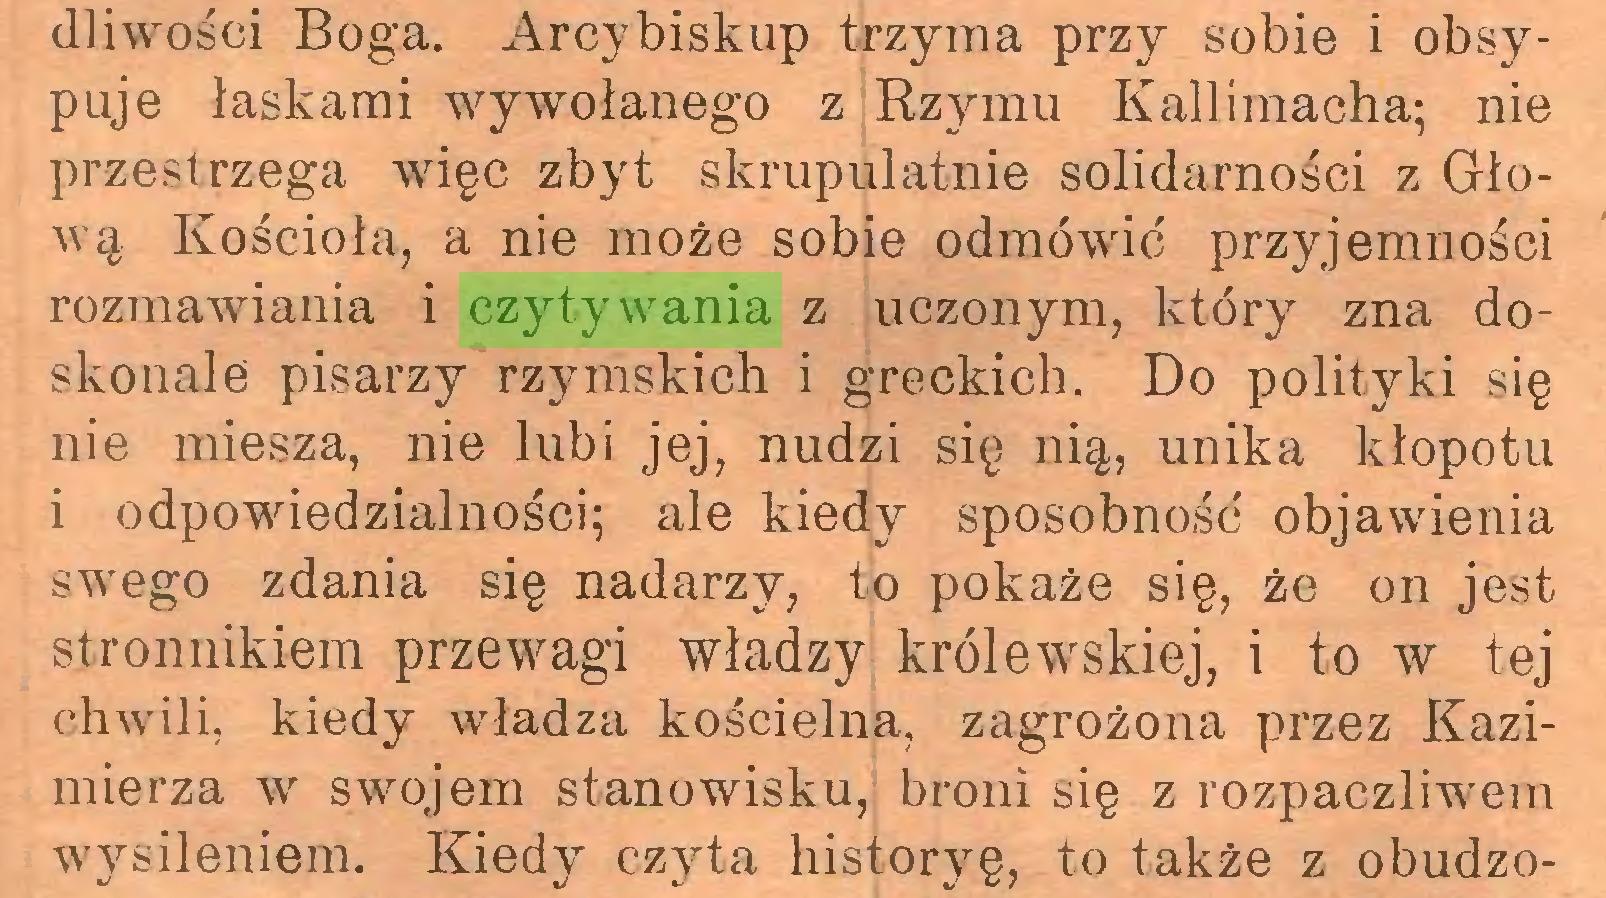 (...) dliwości Boga. Arcybiskup trzyma przy sobie i obsypuje łaskami wywołanego z Rzymu Kallimacha; nie przestrzega więc zbyt skrupulatnie solidarności z Głową Kościoła, a nie może sobie odmówić przyjemności rozmawiania i czytywania z uczonym, który zna doskonale pisarzy rzymskich i greckich. Do polityki się nie miesza, nie lubi jej, nudzi się nią, unika kłopotu i odpowiedzialności; ale kiedy sposobność objawienia swego zdania się nadarzy, to pokaże się, że on jest stronnikiem przewagi władzy królewskiej, i to w tej chwili, kiedy władza kościelna, zagrożona przez Kazimierza w swojem stanowisku, broni się z rozpaczliwem wysileniem. Kiedy czyta historyę, to także z obudzo...